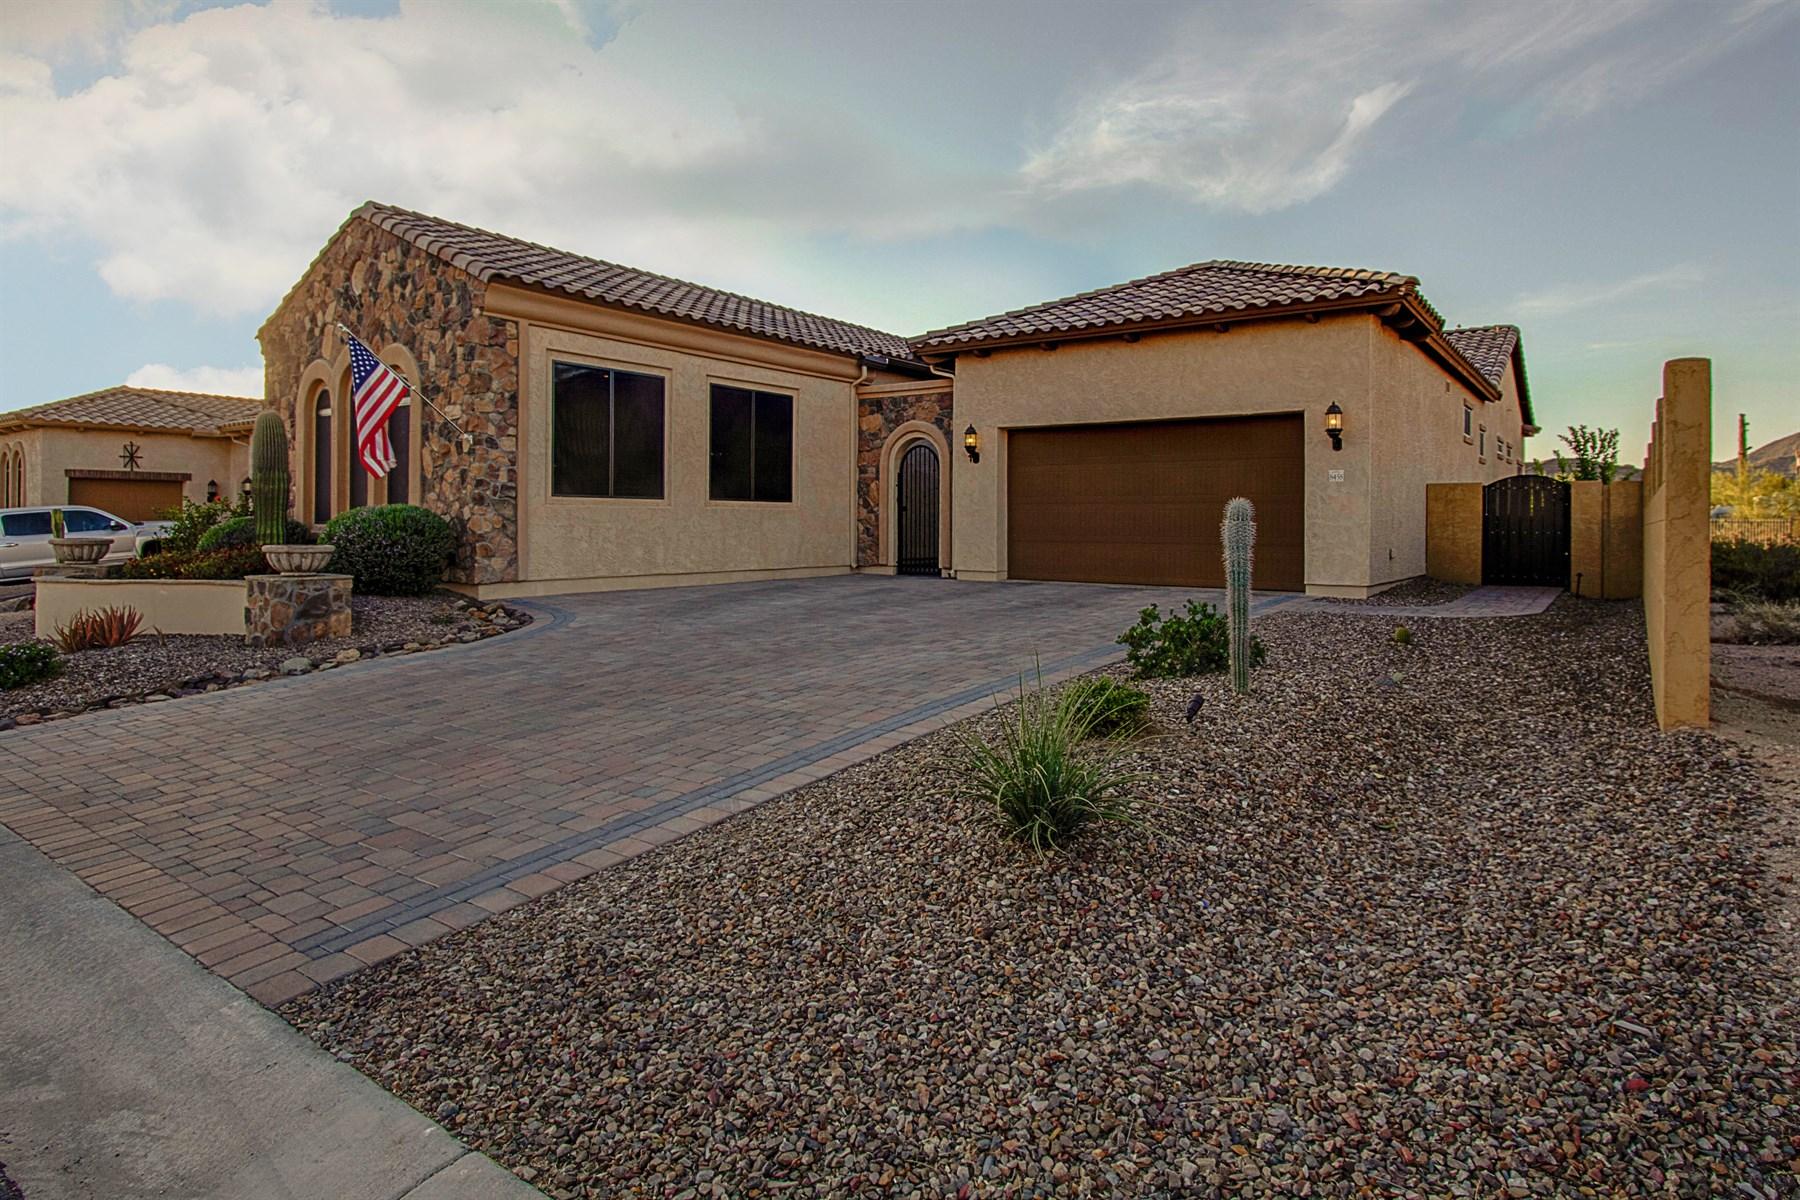 Maison unifamiliale pour l Vente à One of a kind hone with jaw dropping views 8458 E Laurel St Mesa, Arizona, 85207 États-Unis